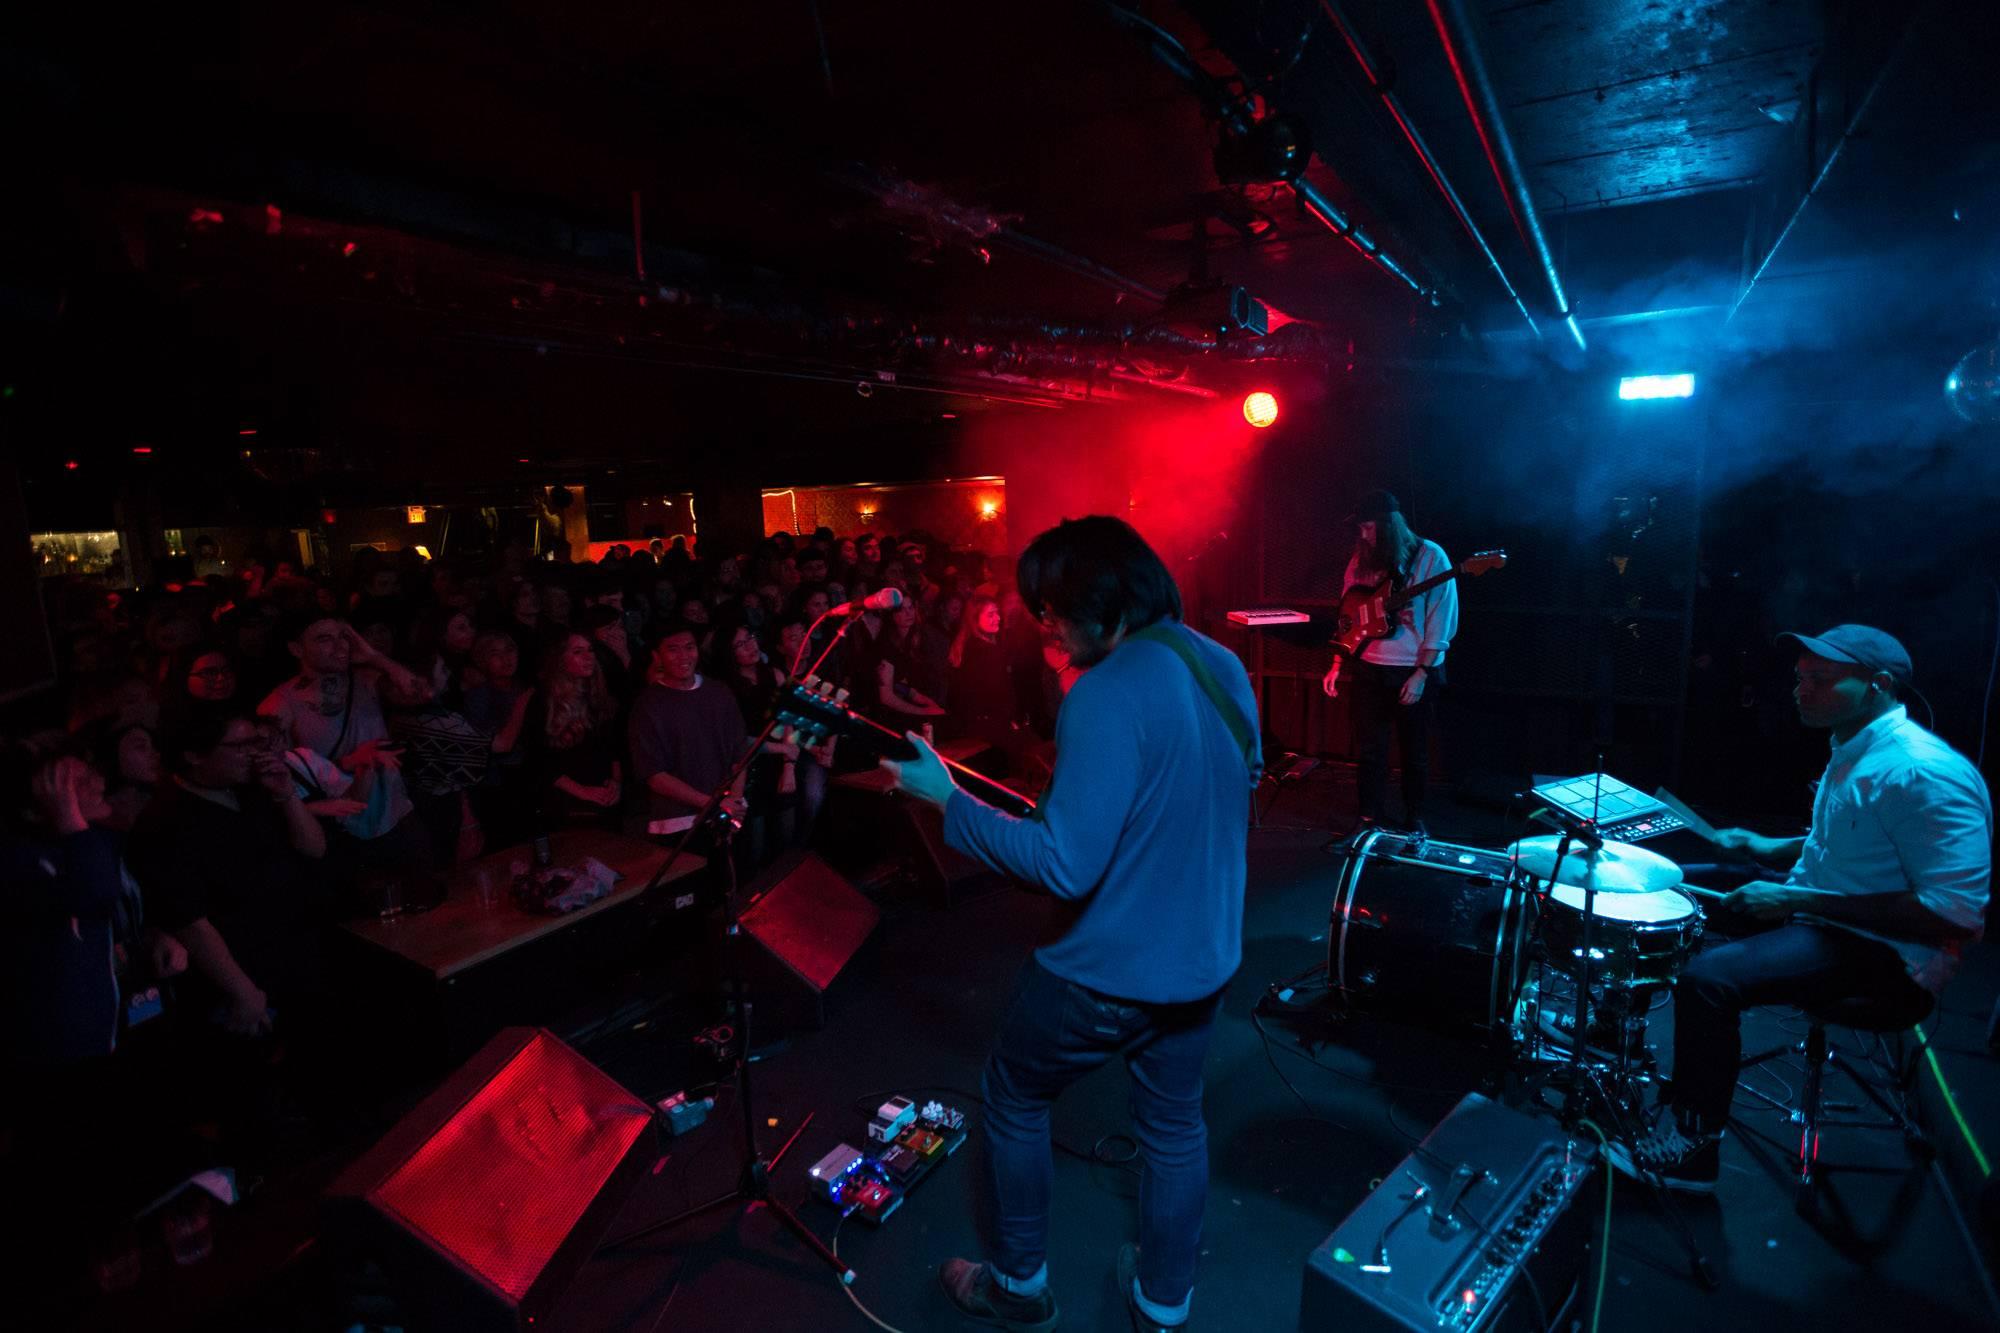 SALES at the Biltmore Cabaret, Vancouver, Dec 1 2017. Kirk Chantraine photo.